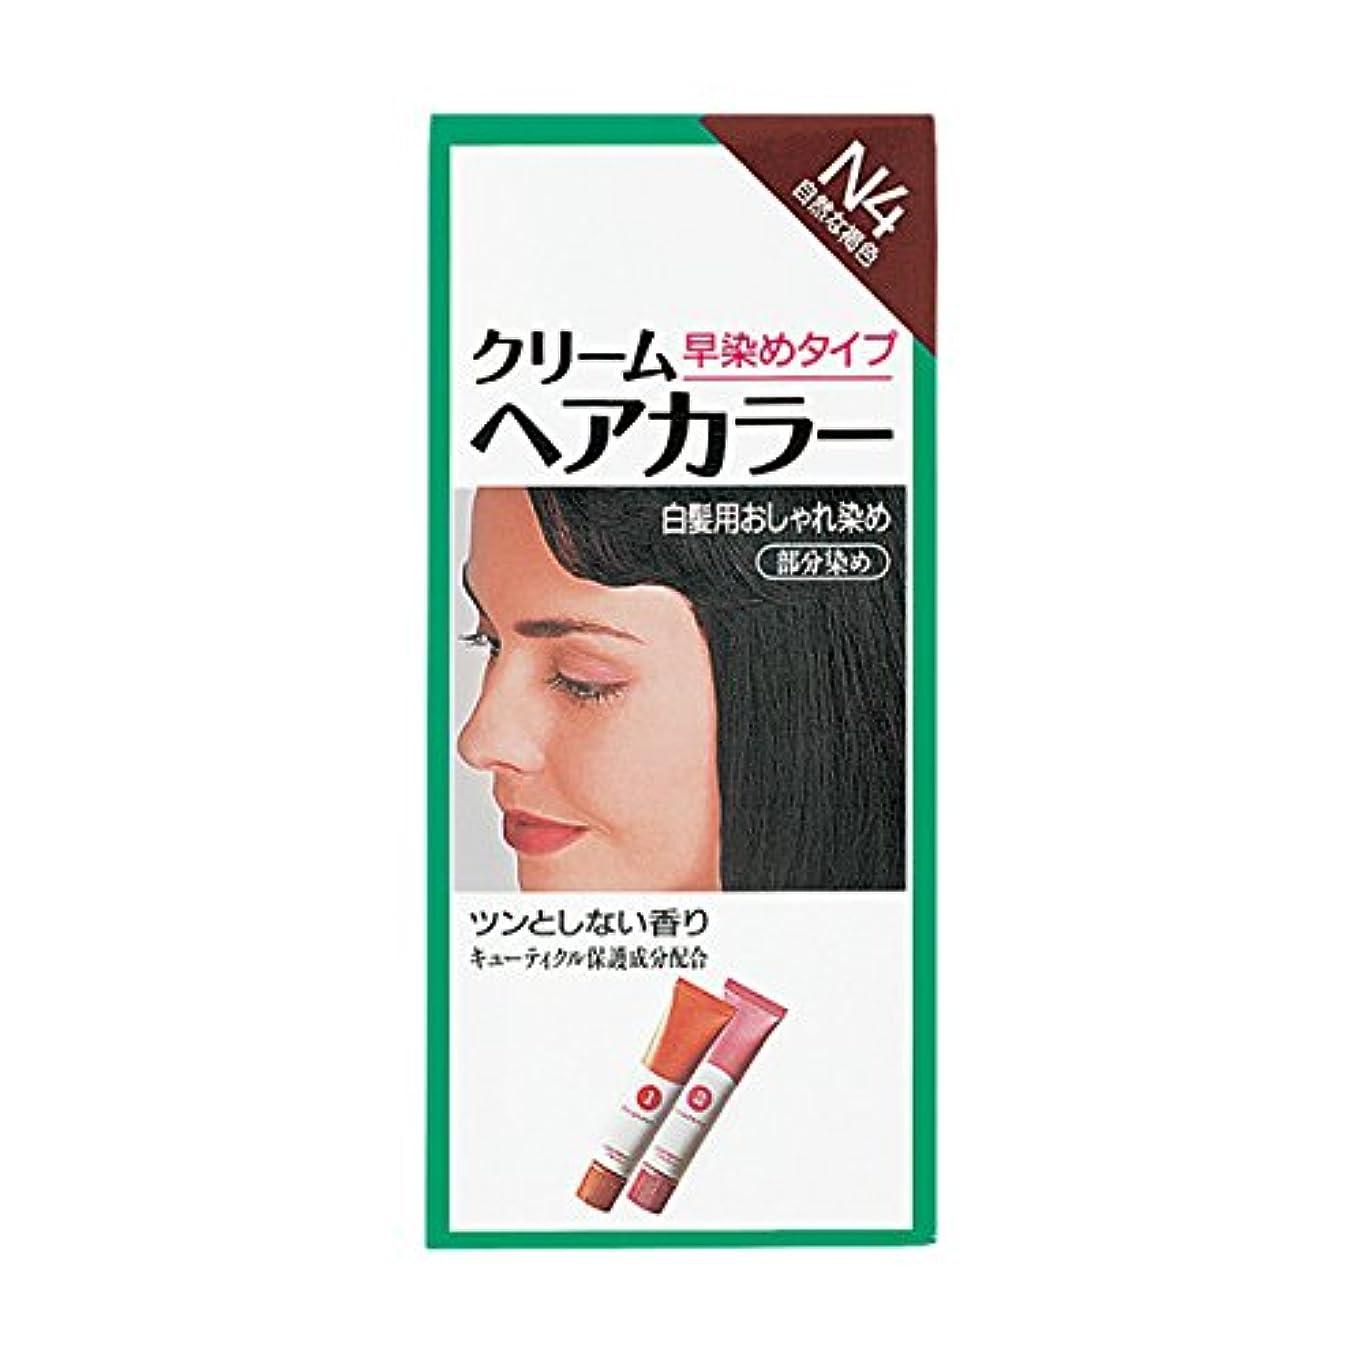 オーブン有名絶縁するヘアカラー クリームヘアカラーN N4 【医薬部外品】